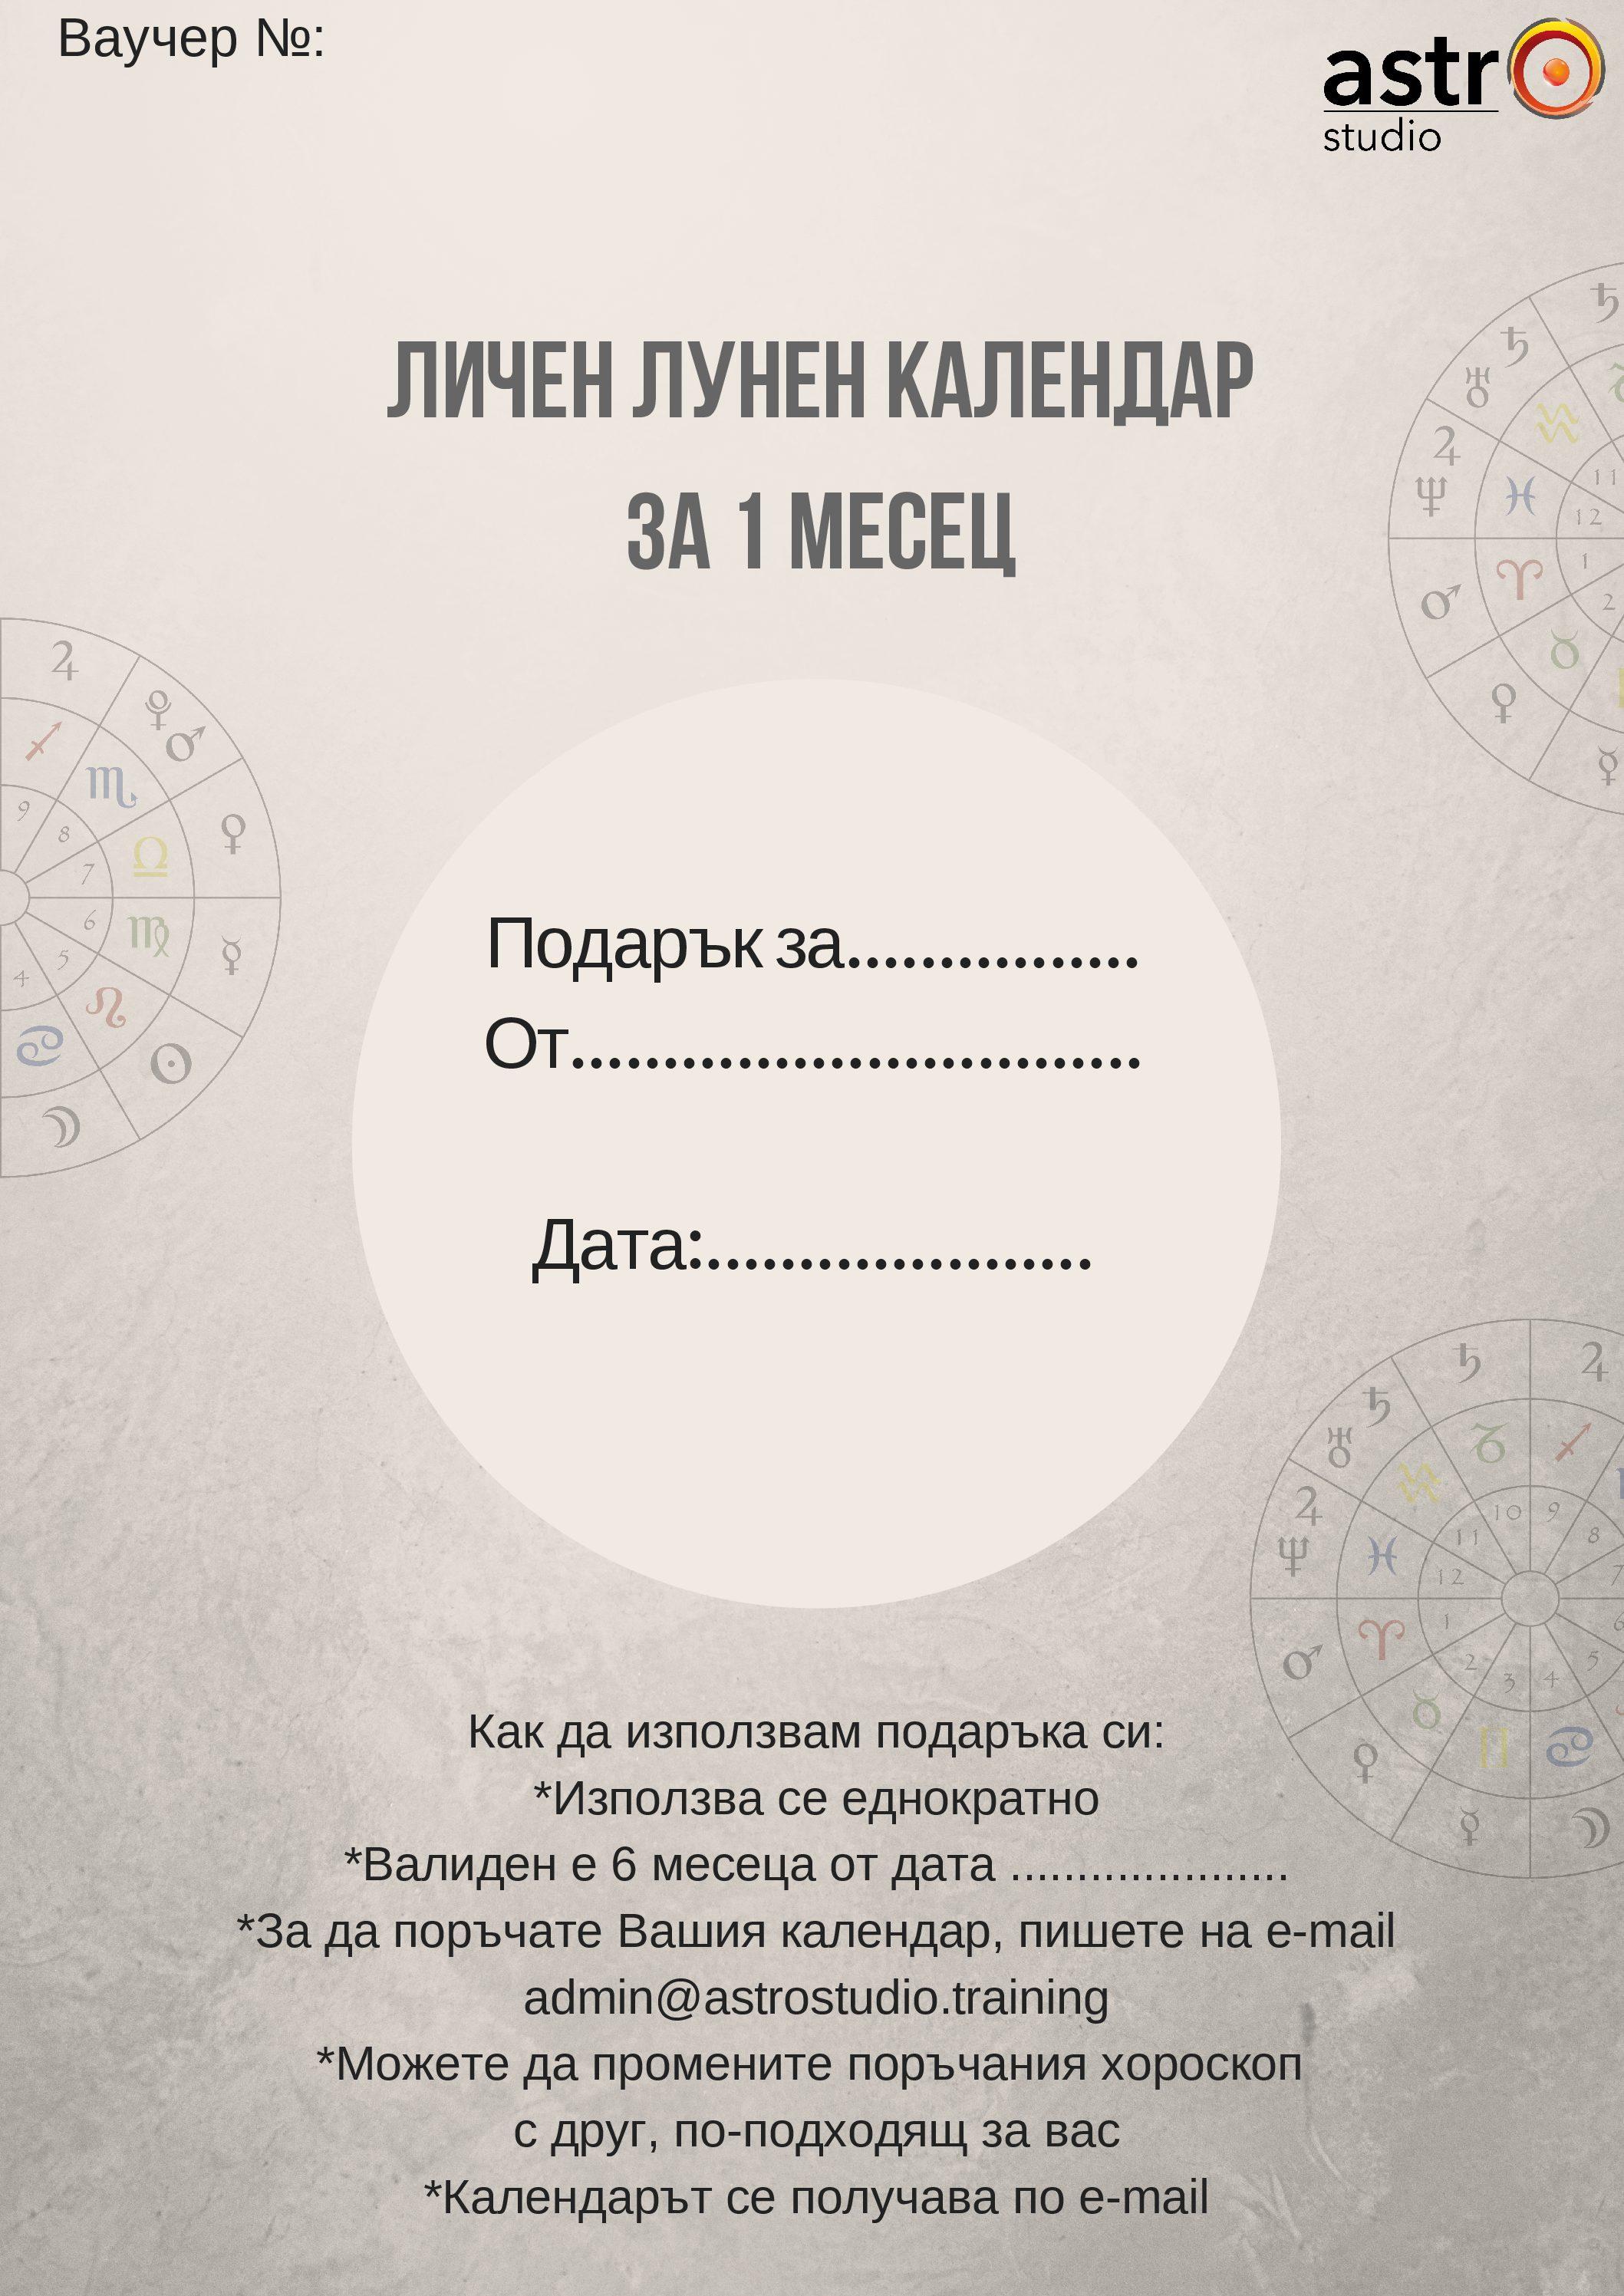 Личен лунен календар